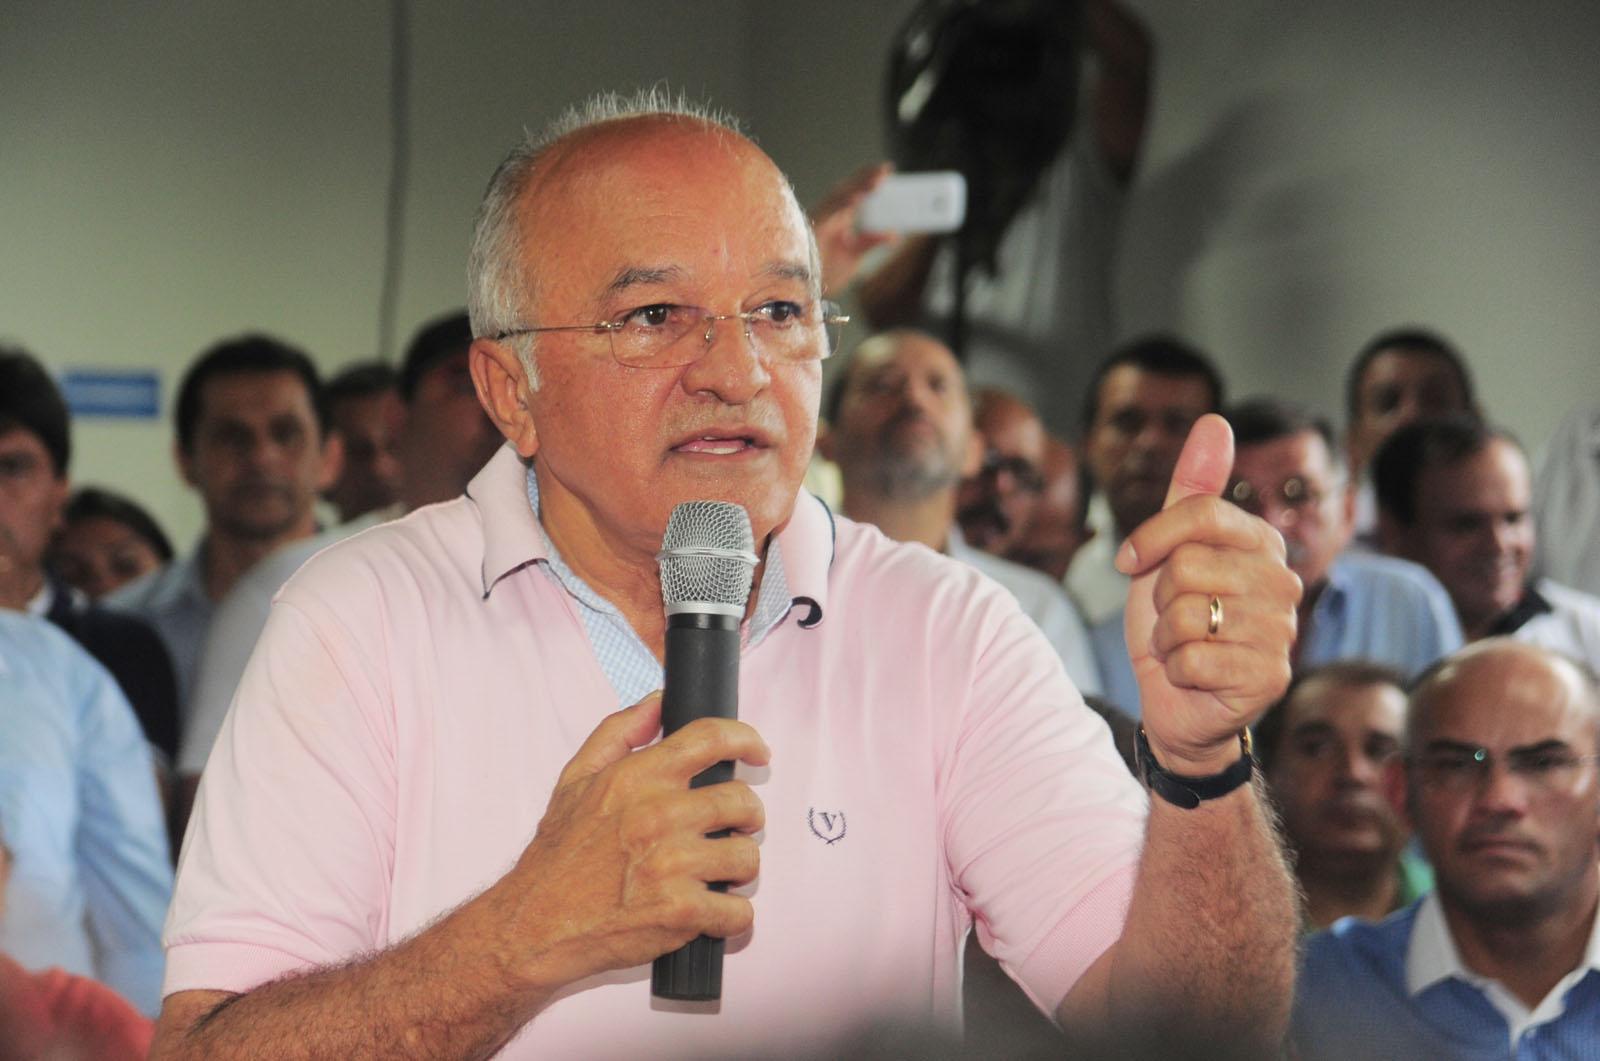 Relator do  (TSE) ministro Napoleão Nunes, não viu provas para cassar José Melo governador do Amazonas